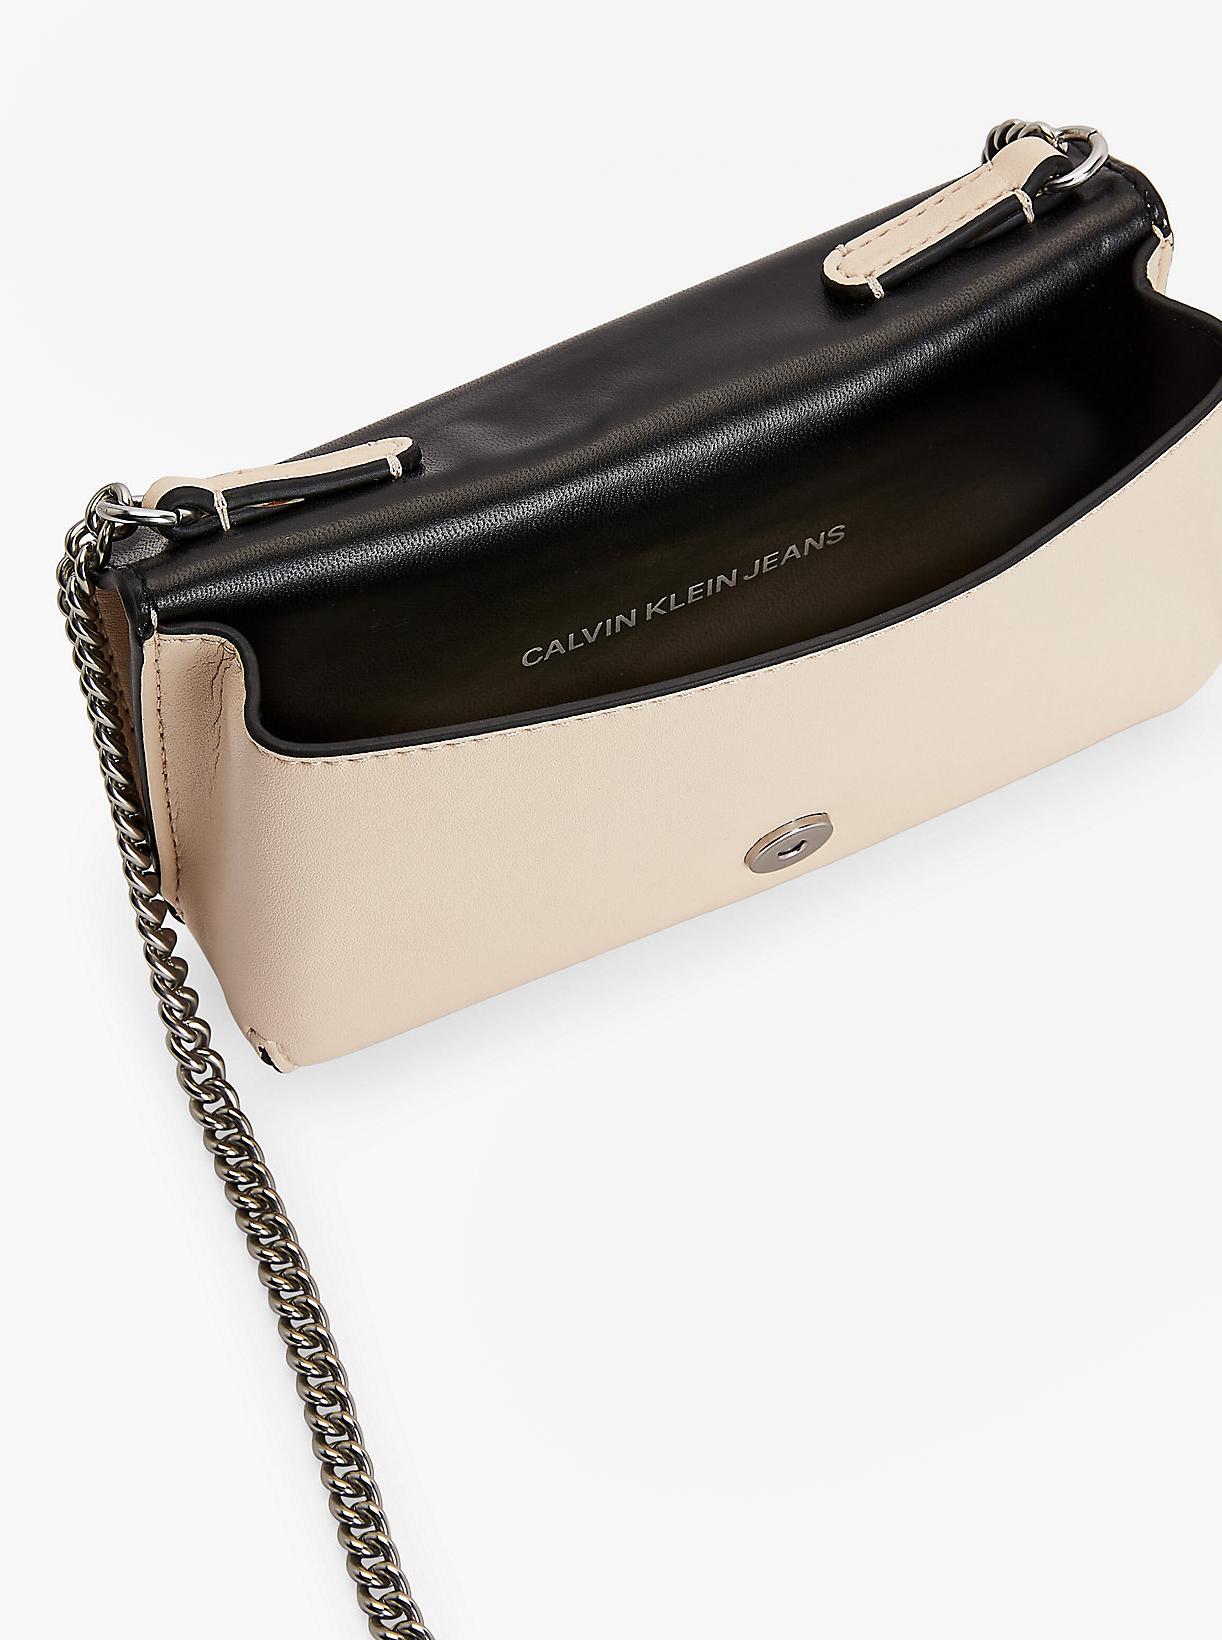 Calvin Klein cream / cream crossbody handbag